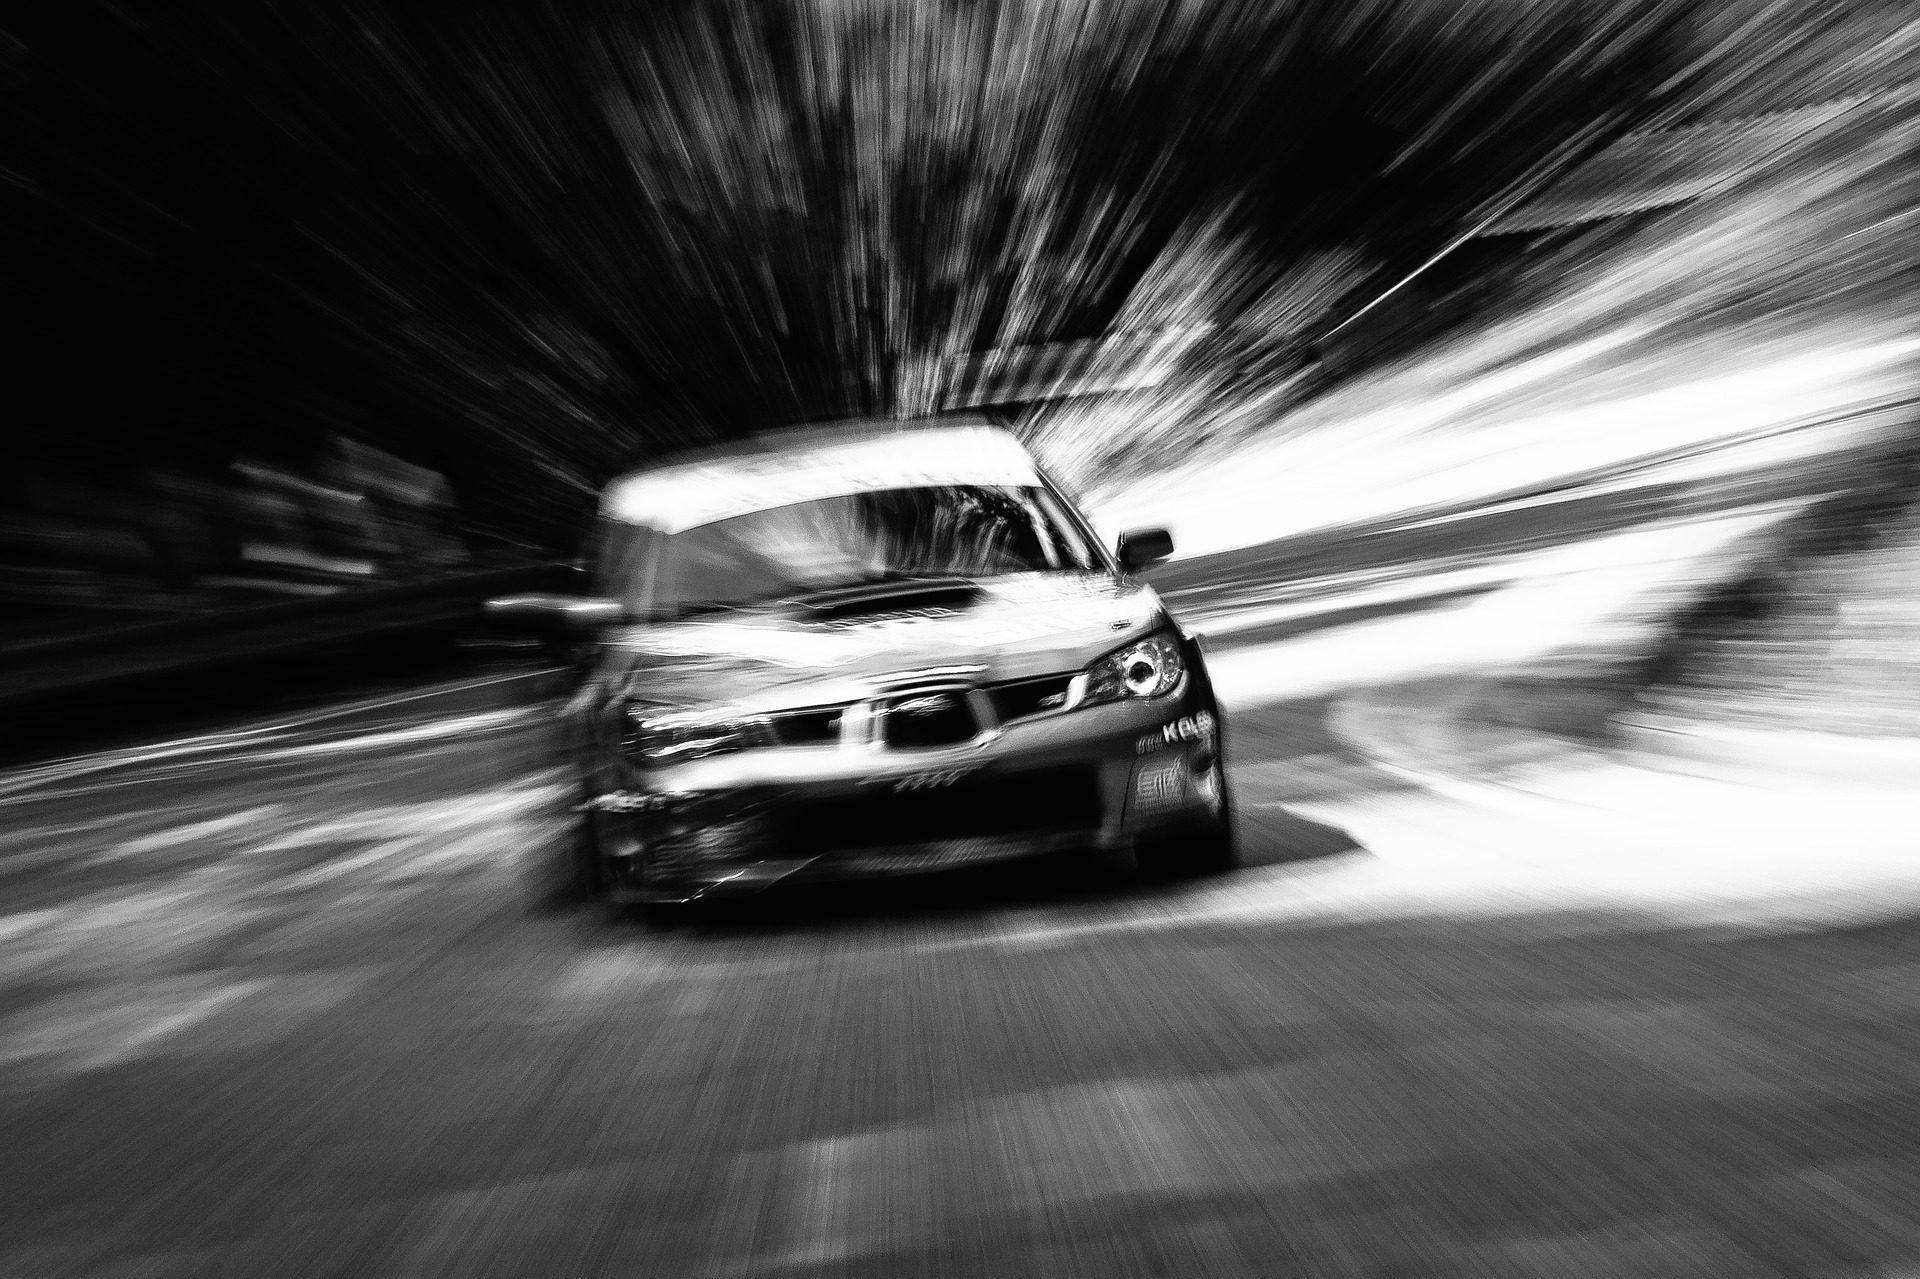 автомобиль, Карьера, Конкурс, виды спорта, скорость, в черно-белом - Обои HD - Профессор falken.com